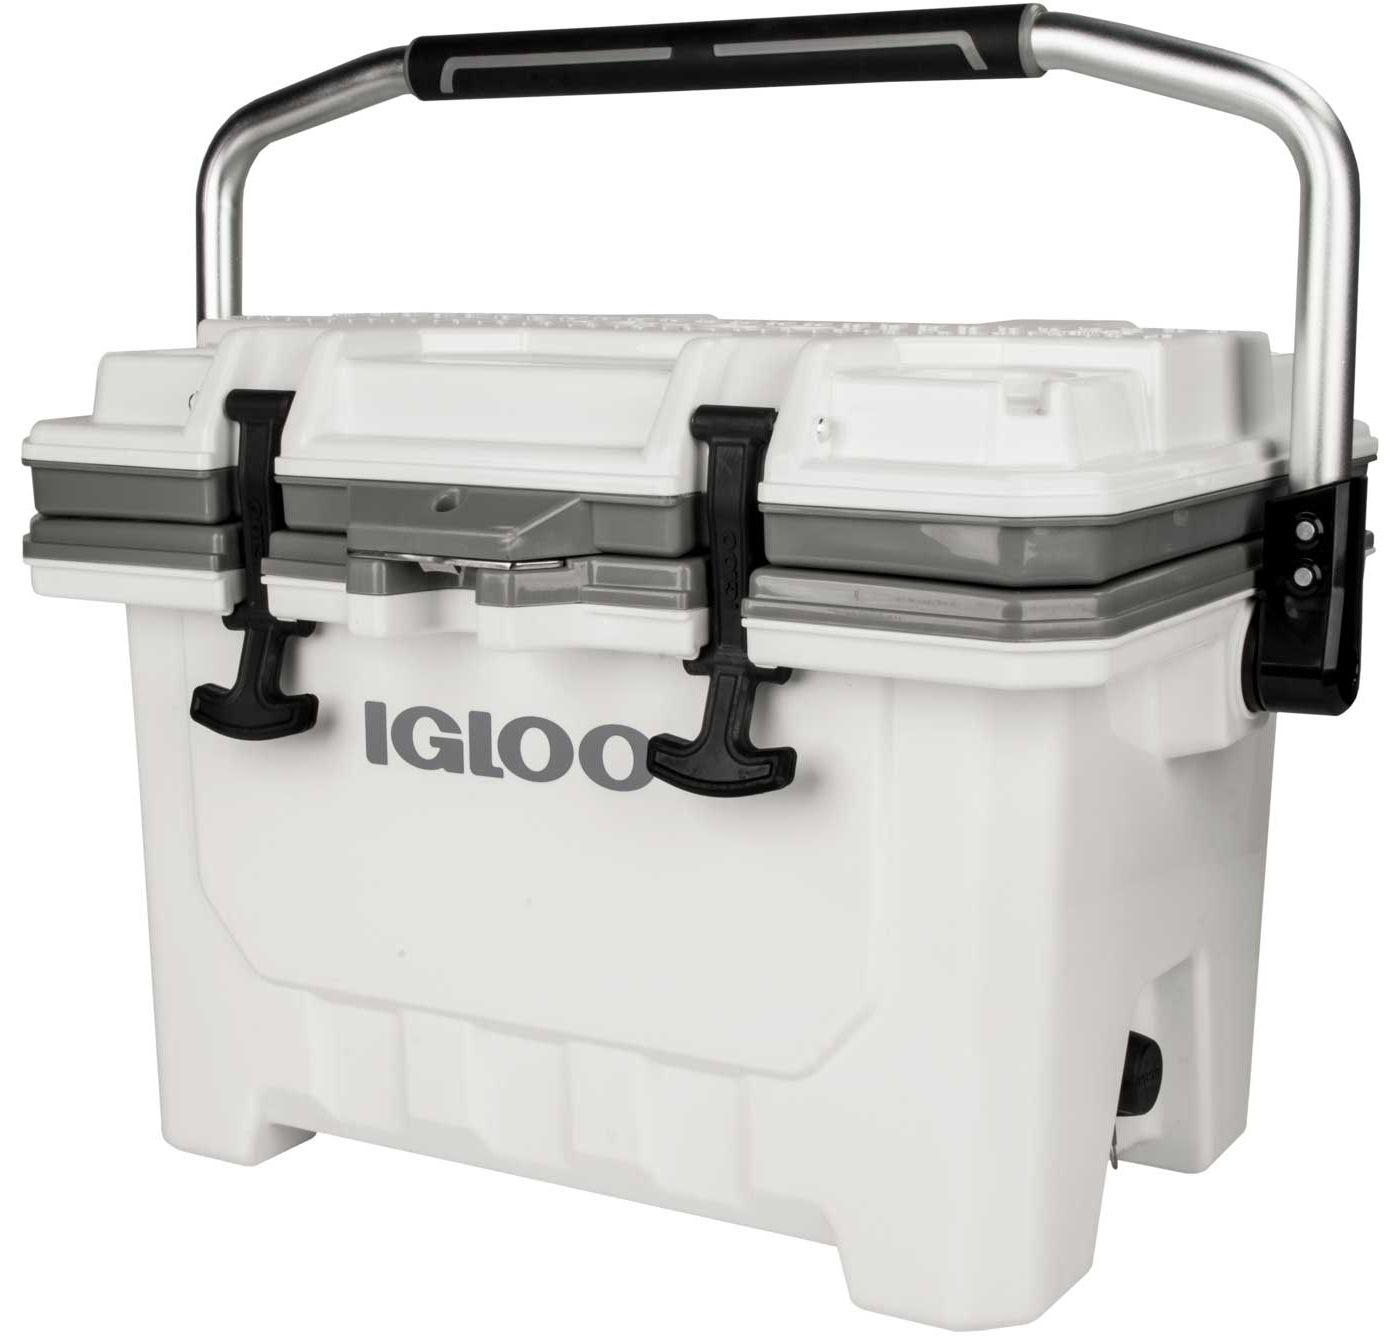 Igloo IMX 24 Quart Cooler